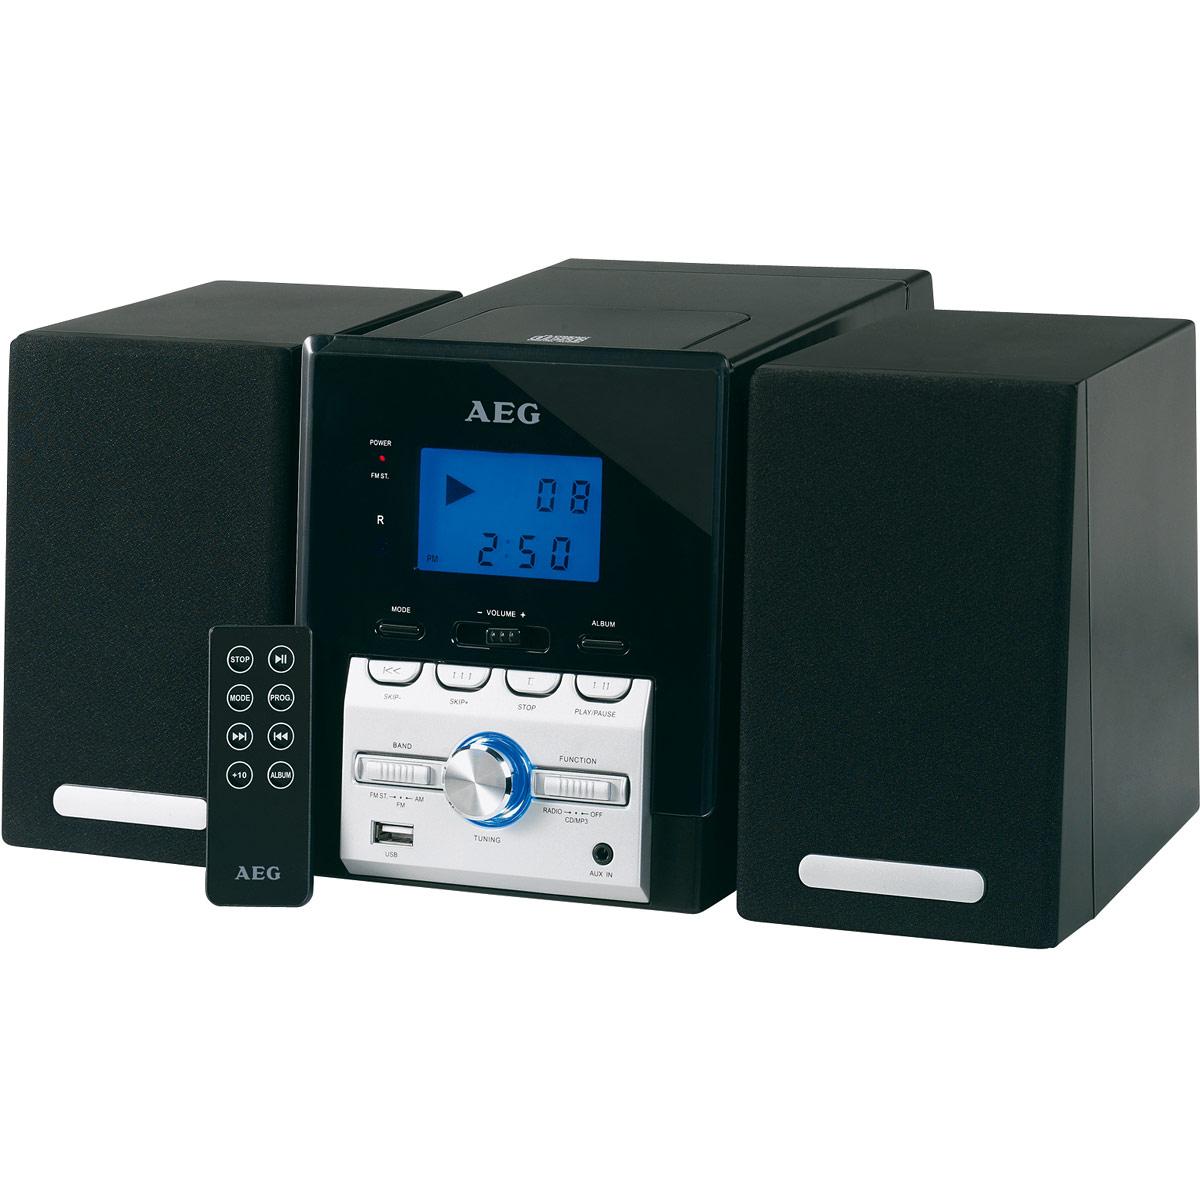 AEG MC 4443, Black микросистемаMC 4443Музыкальный центр AEG MC 4443 с воспроизведением CD, МР3 и радио.